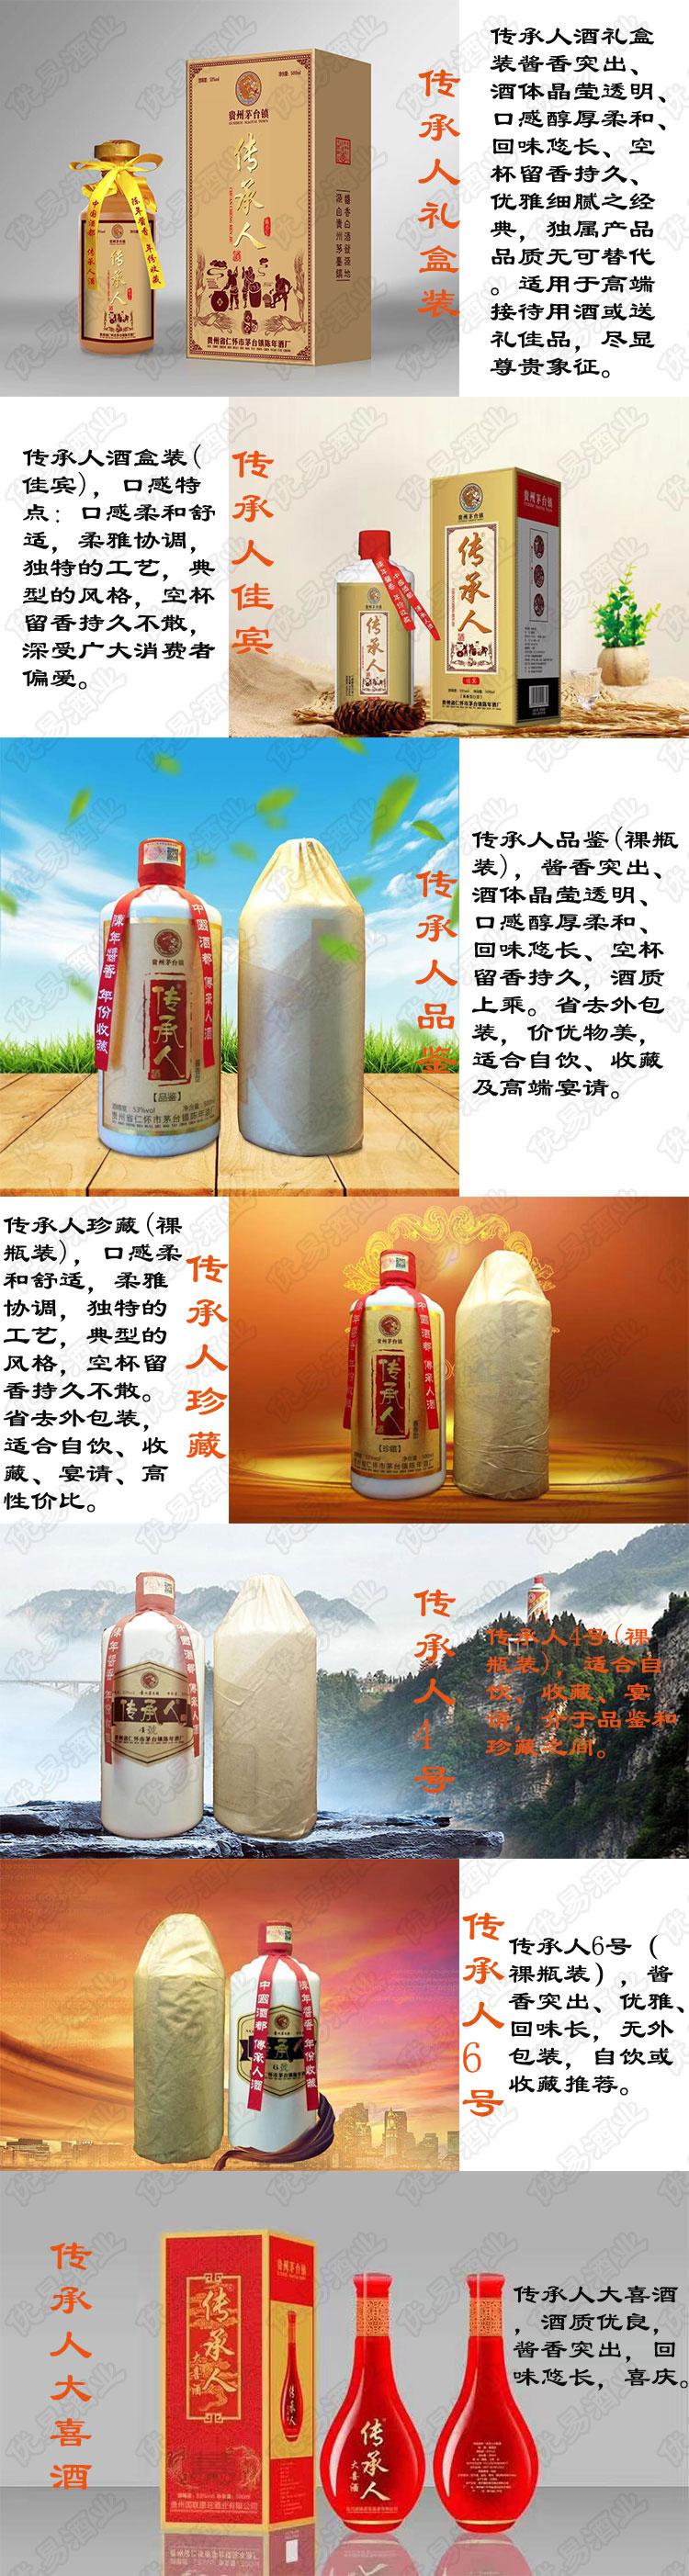 传承人酒产品介绍